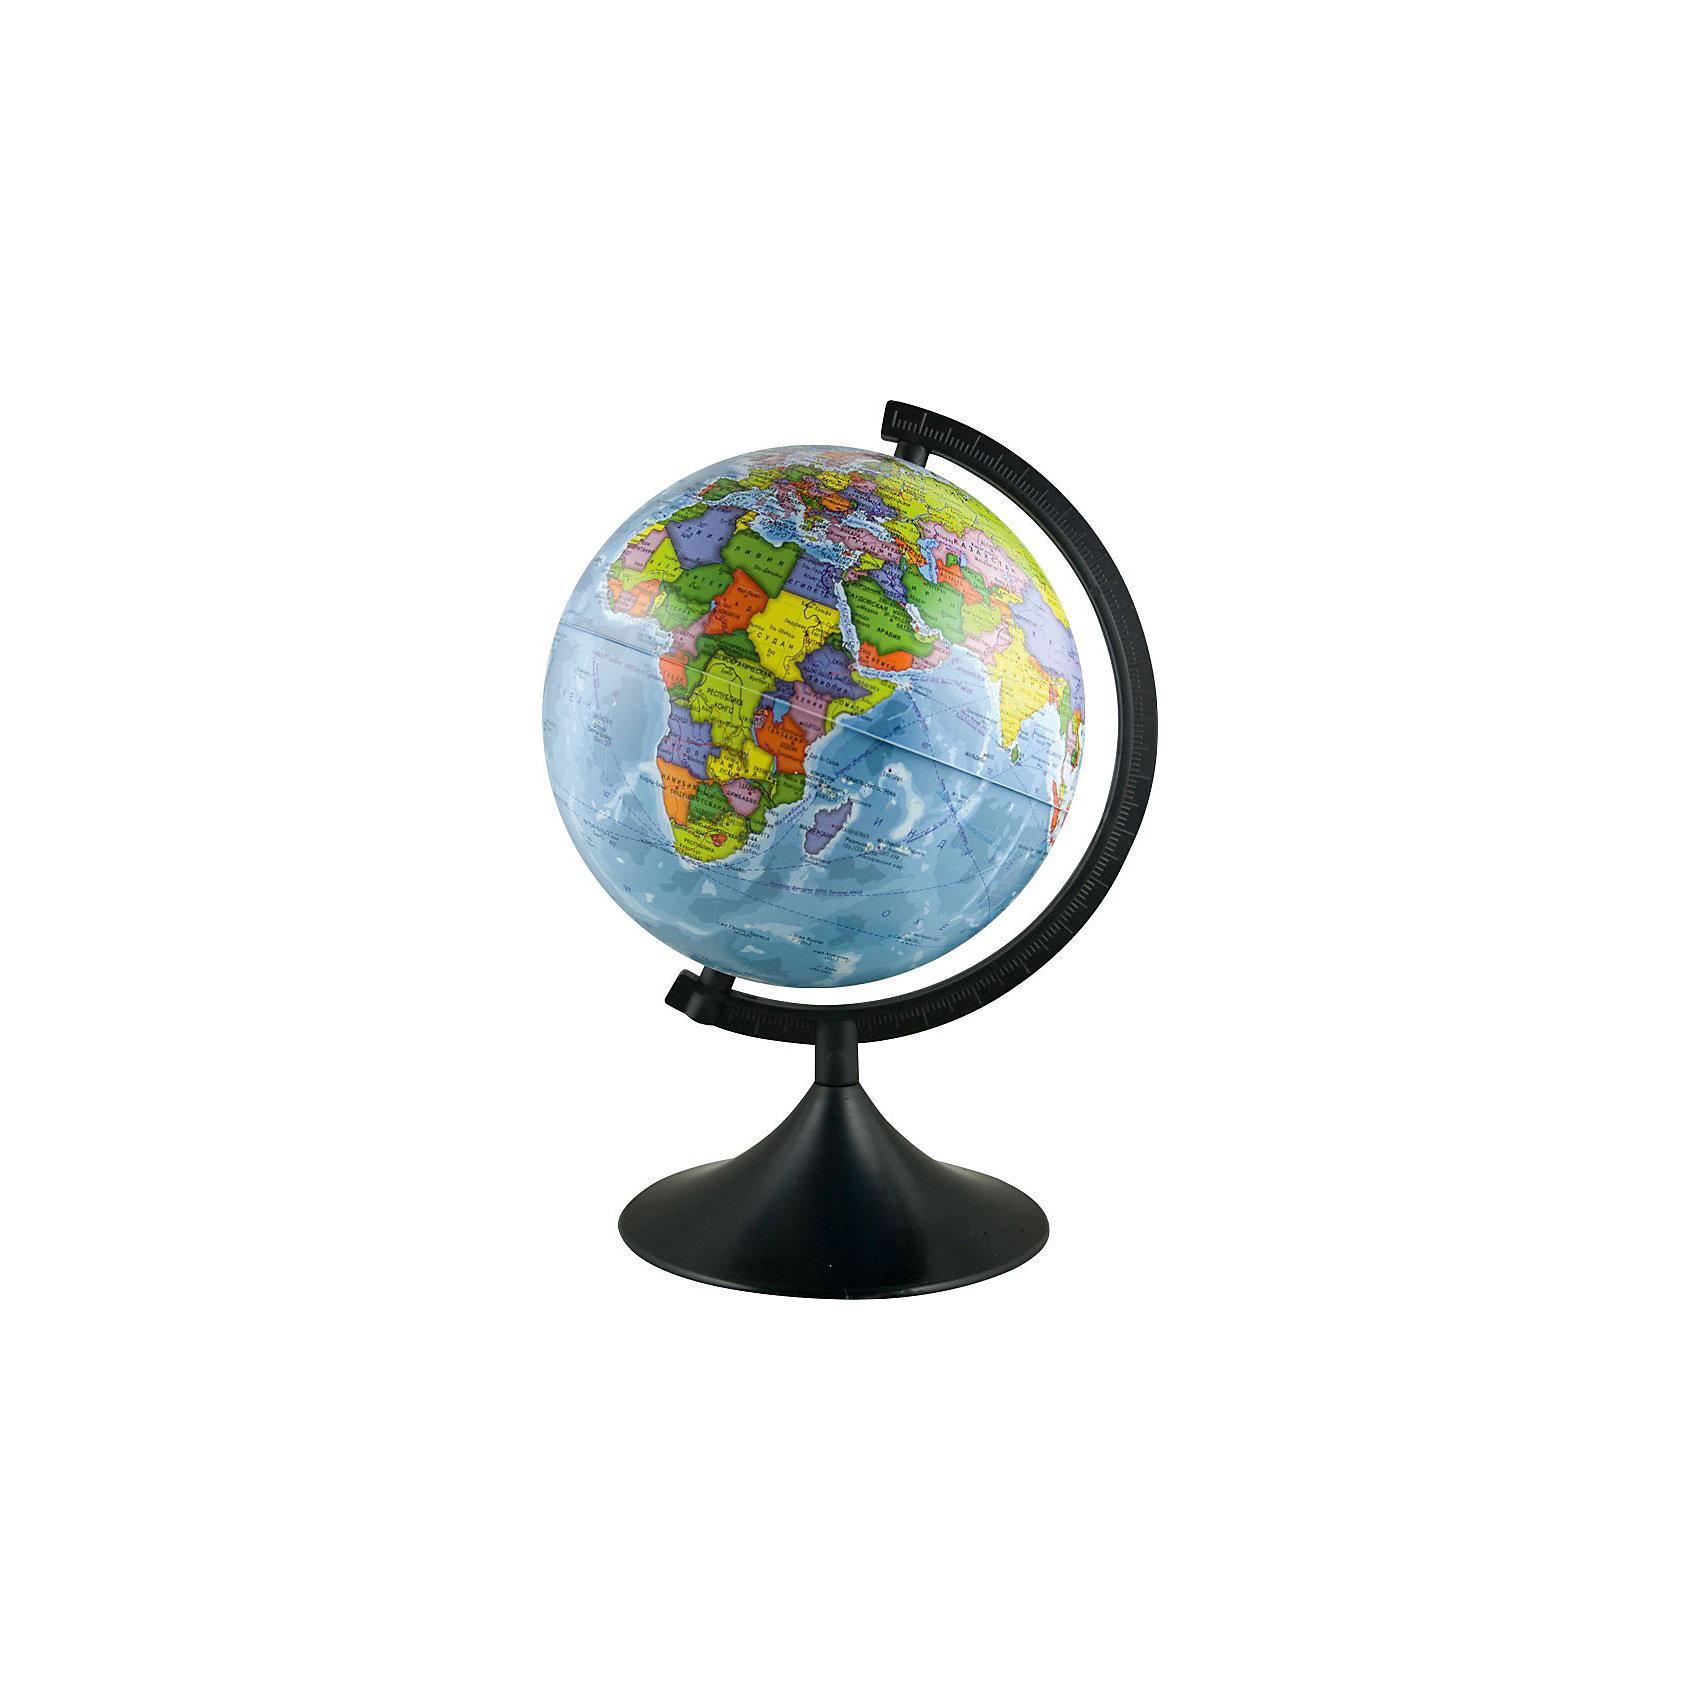 Глобус Земли Политический, TUKZARГлобусы<br>Глобус Земли Политический, TUKZAR (ТУКЗАР) станет незаменимым атрибутом обучения ребенка.<br>Существует много способов, как придать учебе игровой настрой, заинтересовать и в то же время дать ребенку необходимые знания. Давнее изобретение, никогда не теряющее свою актуальность и значение - это модель нашей Земли. С глобусами смогут работать даже самые маленькие, они дают полет фантазии и интеллектуально развивают ребенка. Учиться с помощью политического глобуса, где указаны современные границы государств, названия географических объектов  - просто и легко. Настольный глобус на удобной подставке вращается вокруг собственной оси.<br><br>Дополнительная информация:<br><br>- Диаметр: 210 мм<br>- Масштаб: 1:60000000<br>- Покрытие: пластик<br>- Язык: русский<br>- Содержание: границы государств, названия стран, столиц и крупных городов<br><br>Глобус Земли Политический, TUKZAR (ТУКЗАР) можно купить в нашем интернет-магазине.<br><br>Ширина мм: 210<br>Глубина мм: 210<br>Высота мм: 210<br>Вес г: 500<br>Возраст от месяцев: 36<br>Возраст до месяцев: 144<br>Пол: Унисекс<br>Возраст: Детский<br>SKU: 3743887